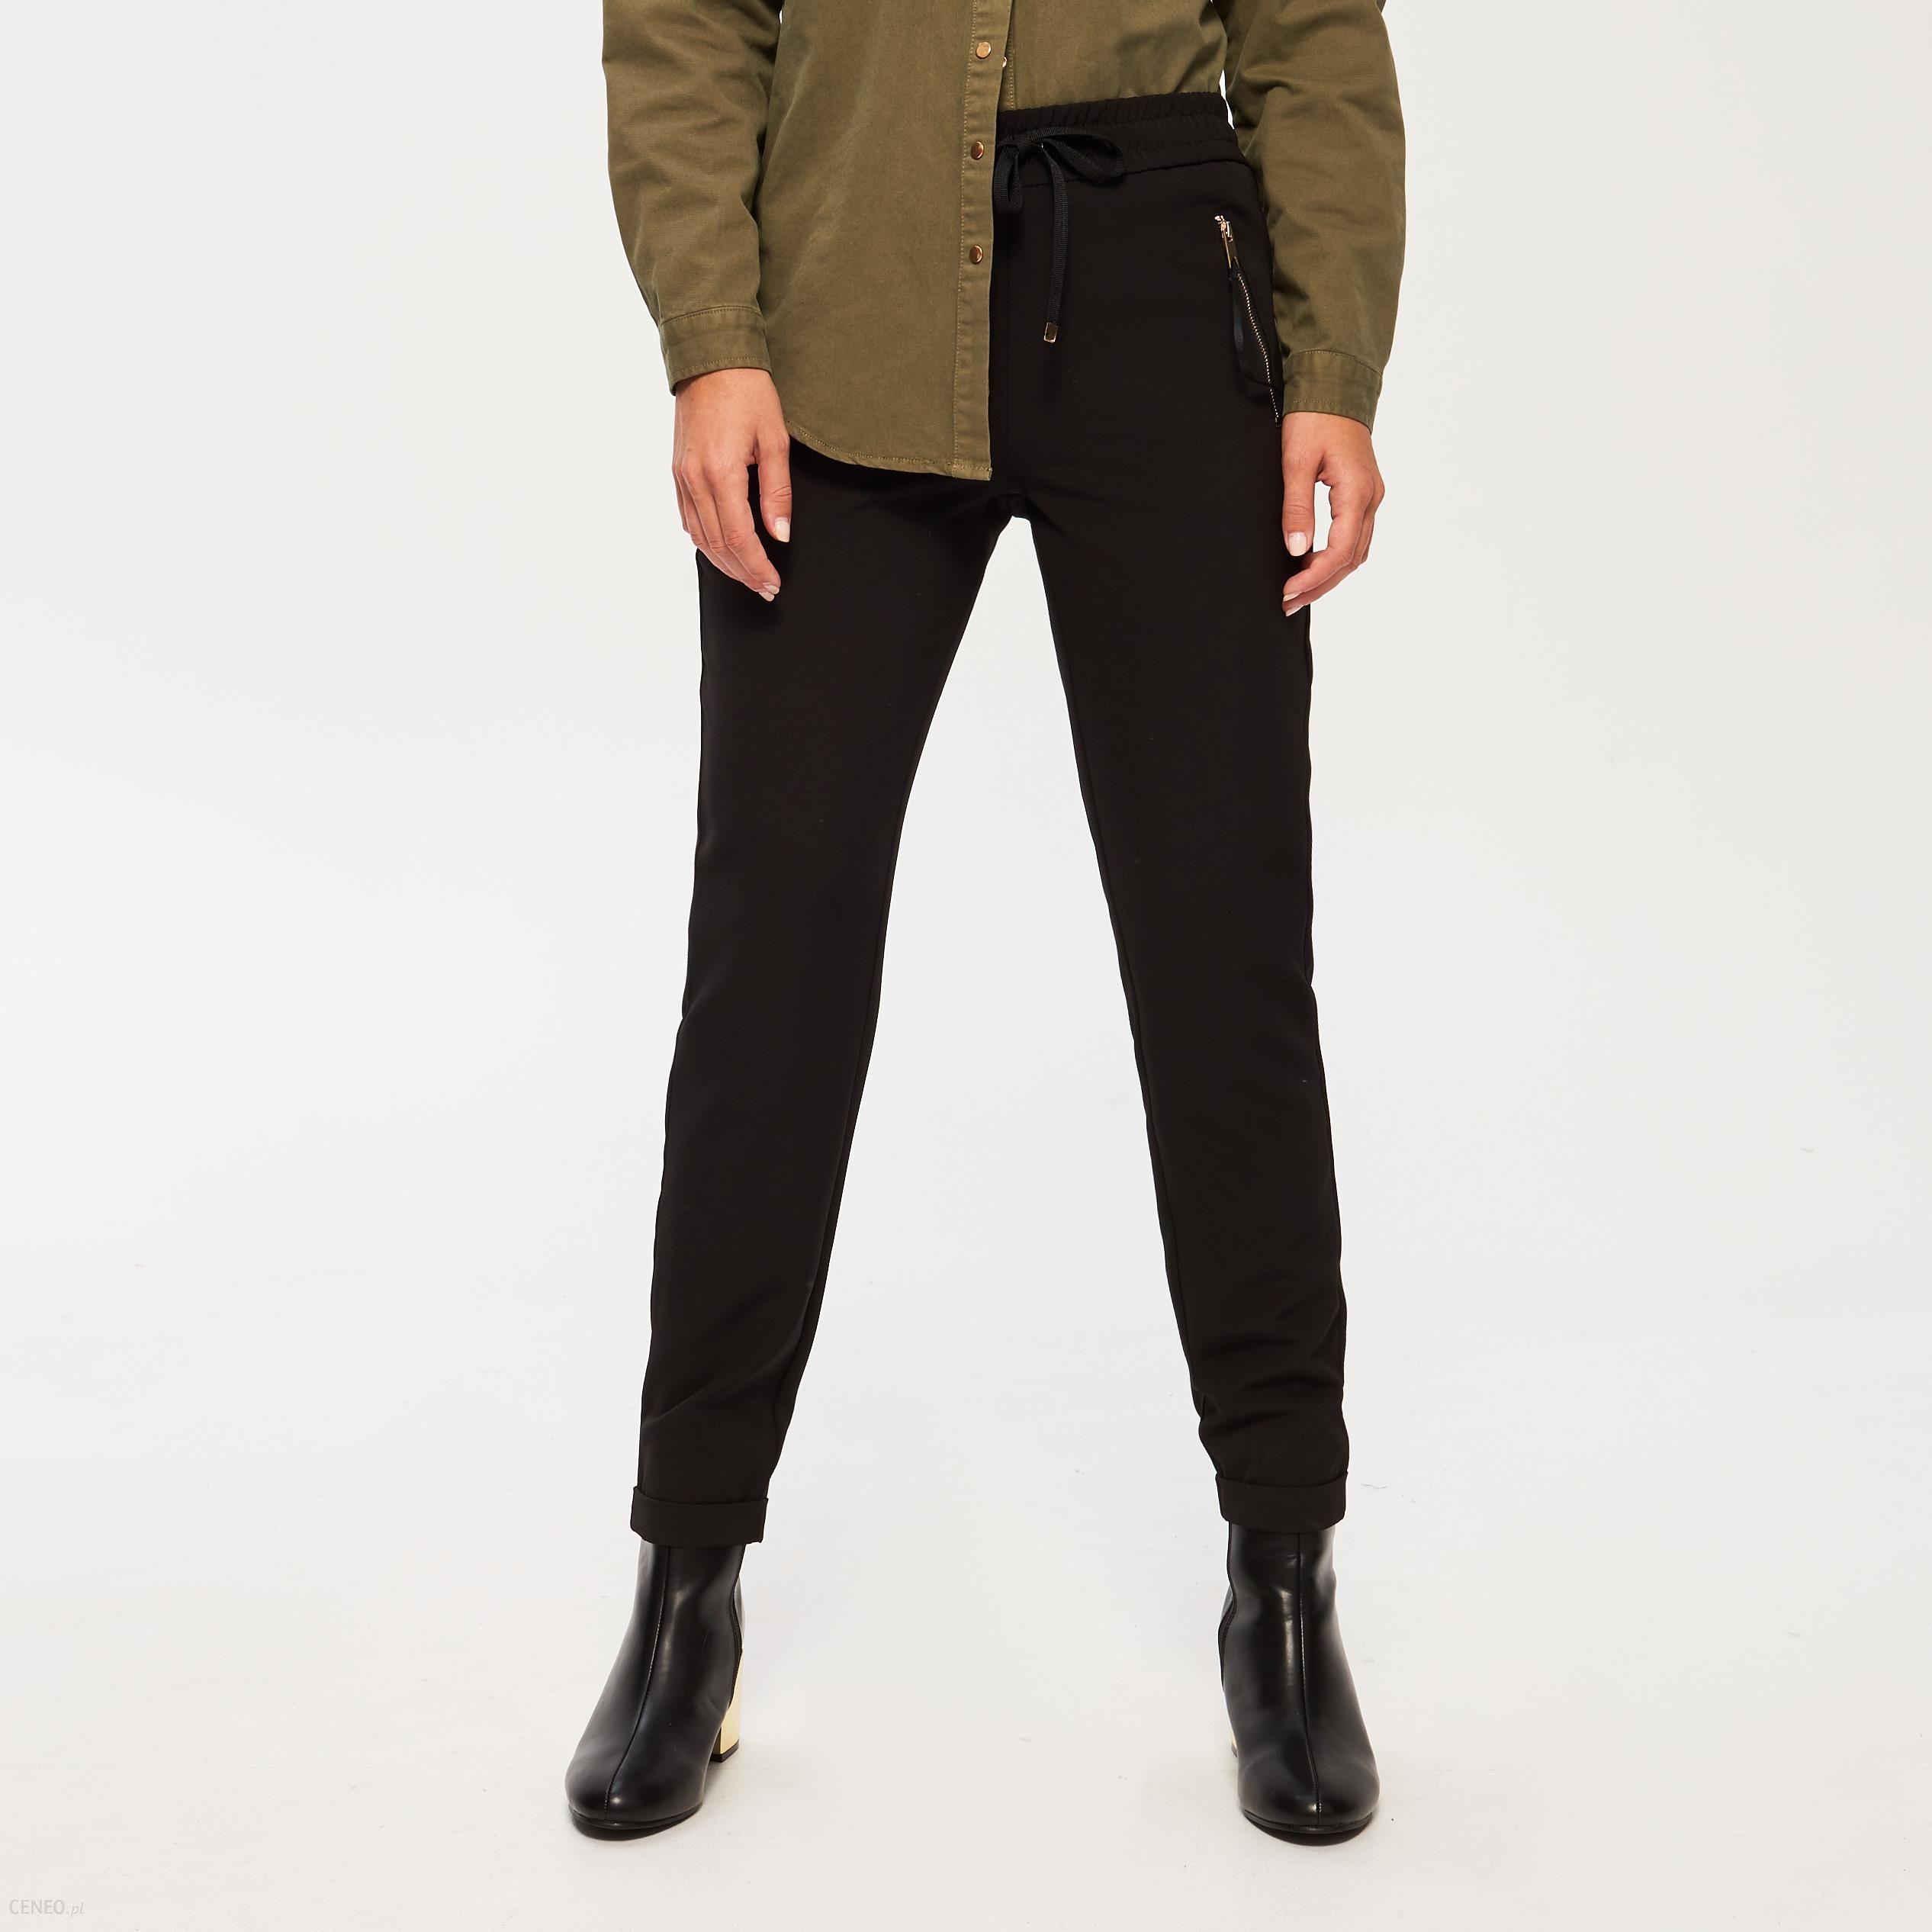 czarne lub granatowe spodnie z gumka w pasie